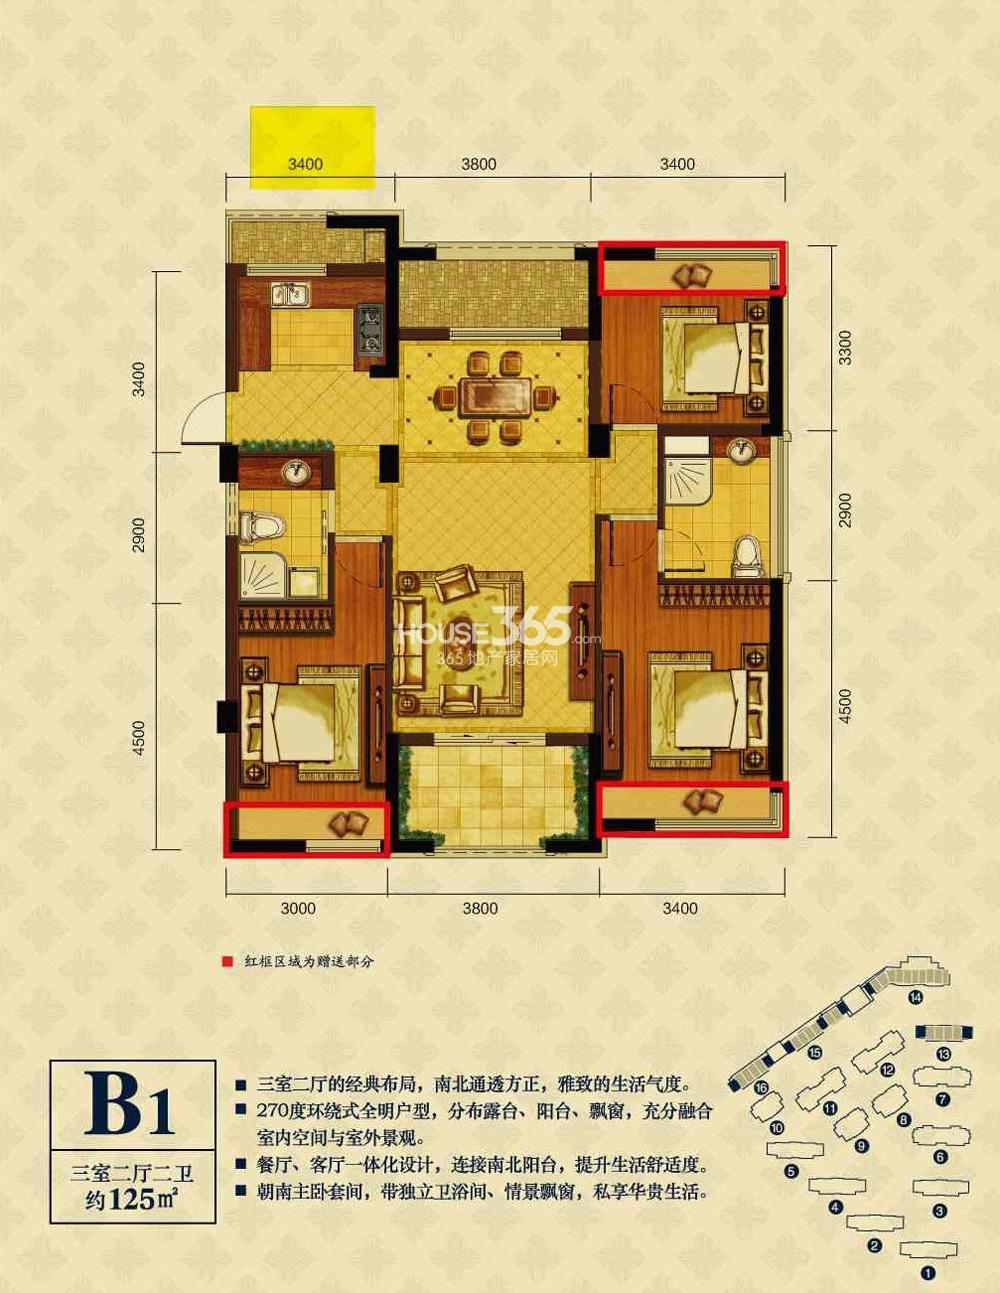 钱塘梧桐蓝山13—16号楼B1户型125方户型图